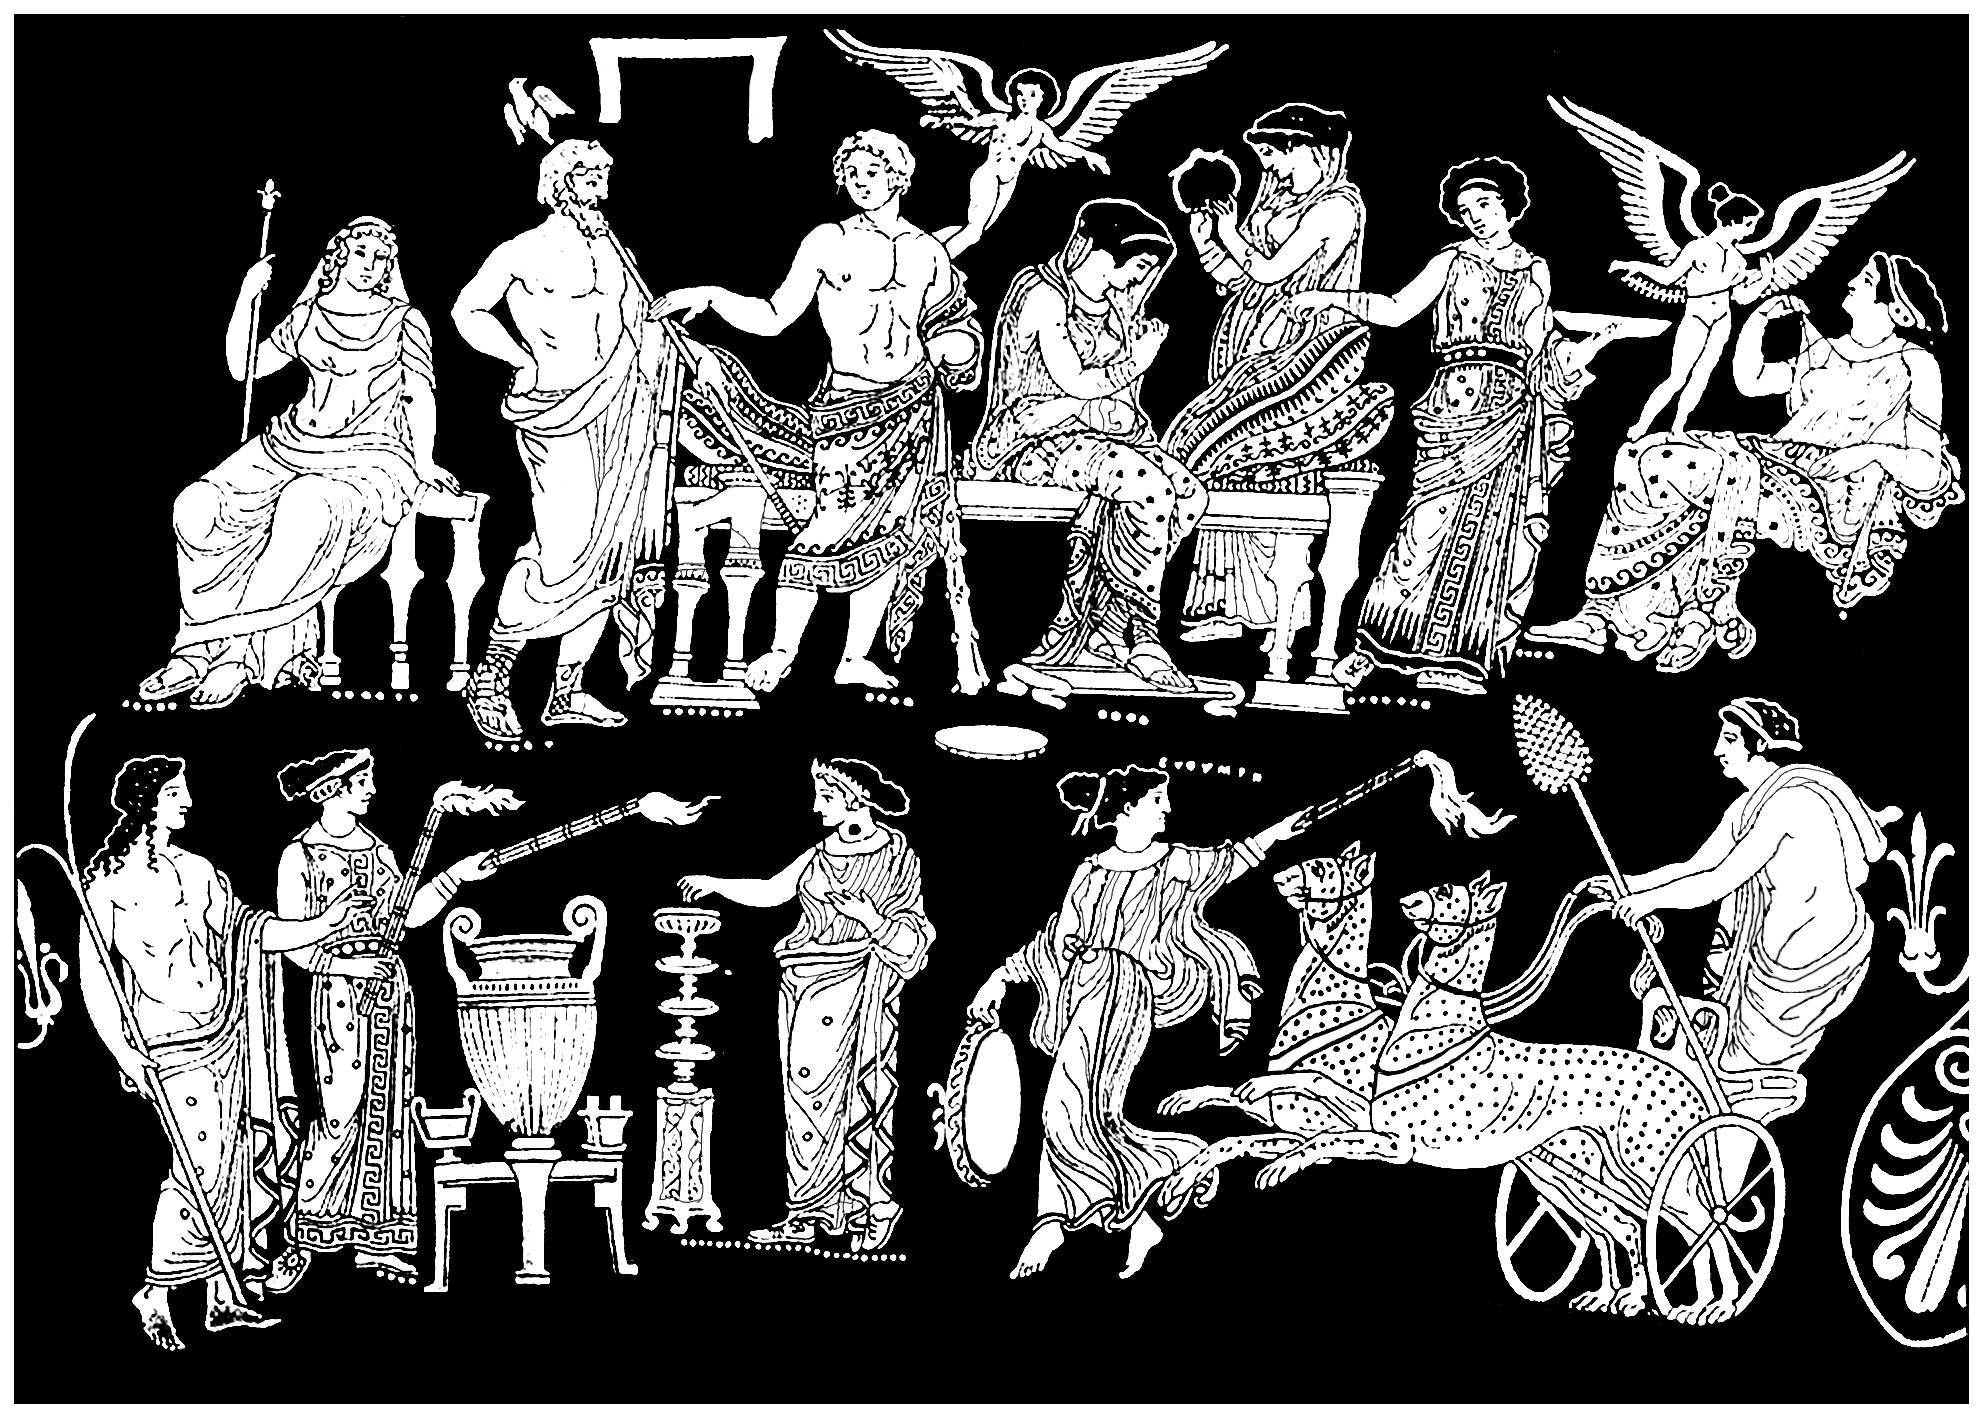 Le mariage d'Hercule et Hébé (créé à partir d'une peinture sur vase de la Grèce Antique)